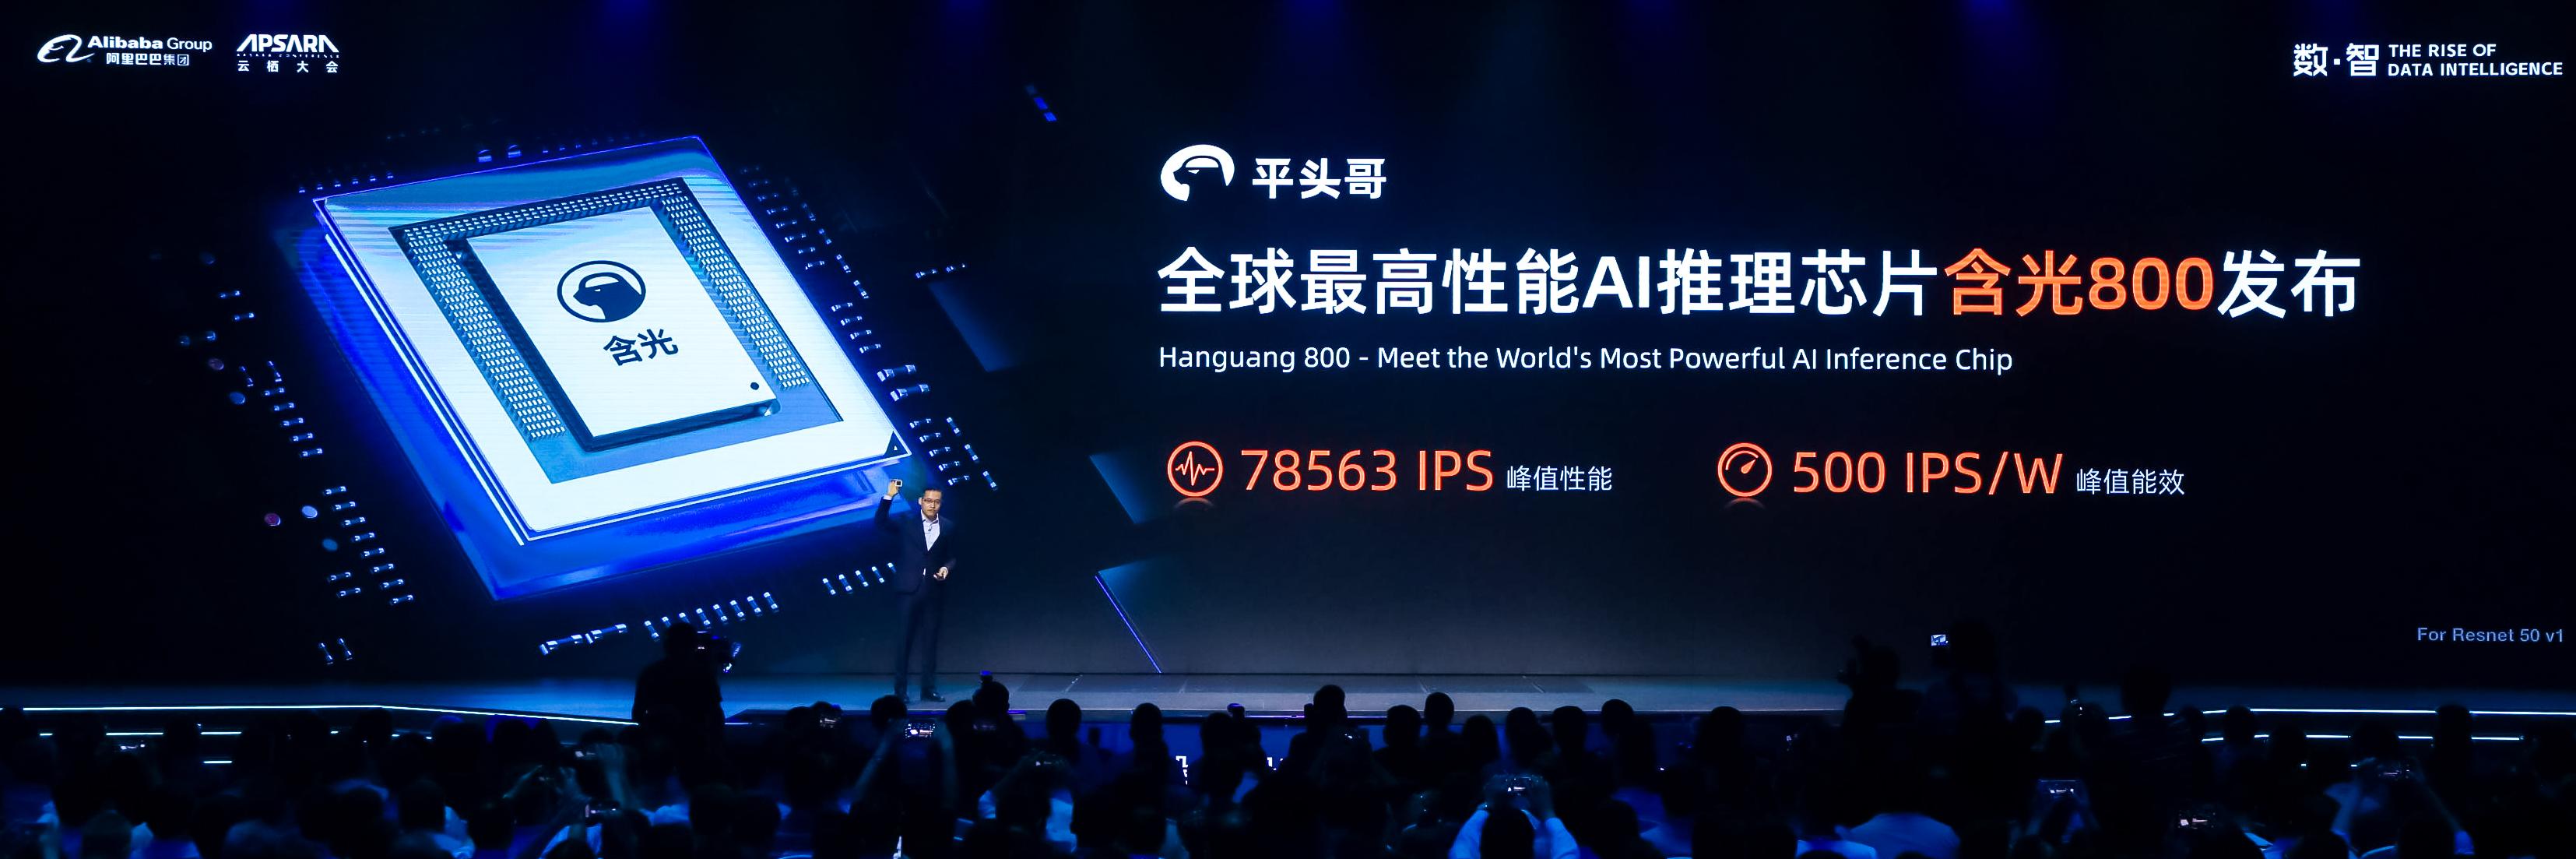 平头哥发布最强AI芯片含光800,性能比第二名高4倍 | 速途直击2019杭州云栖大会